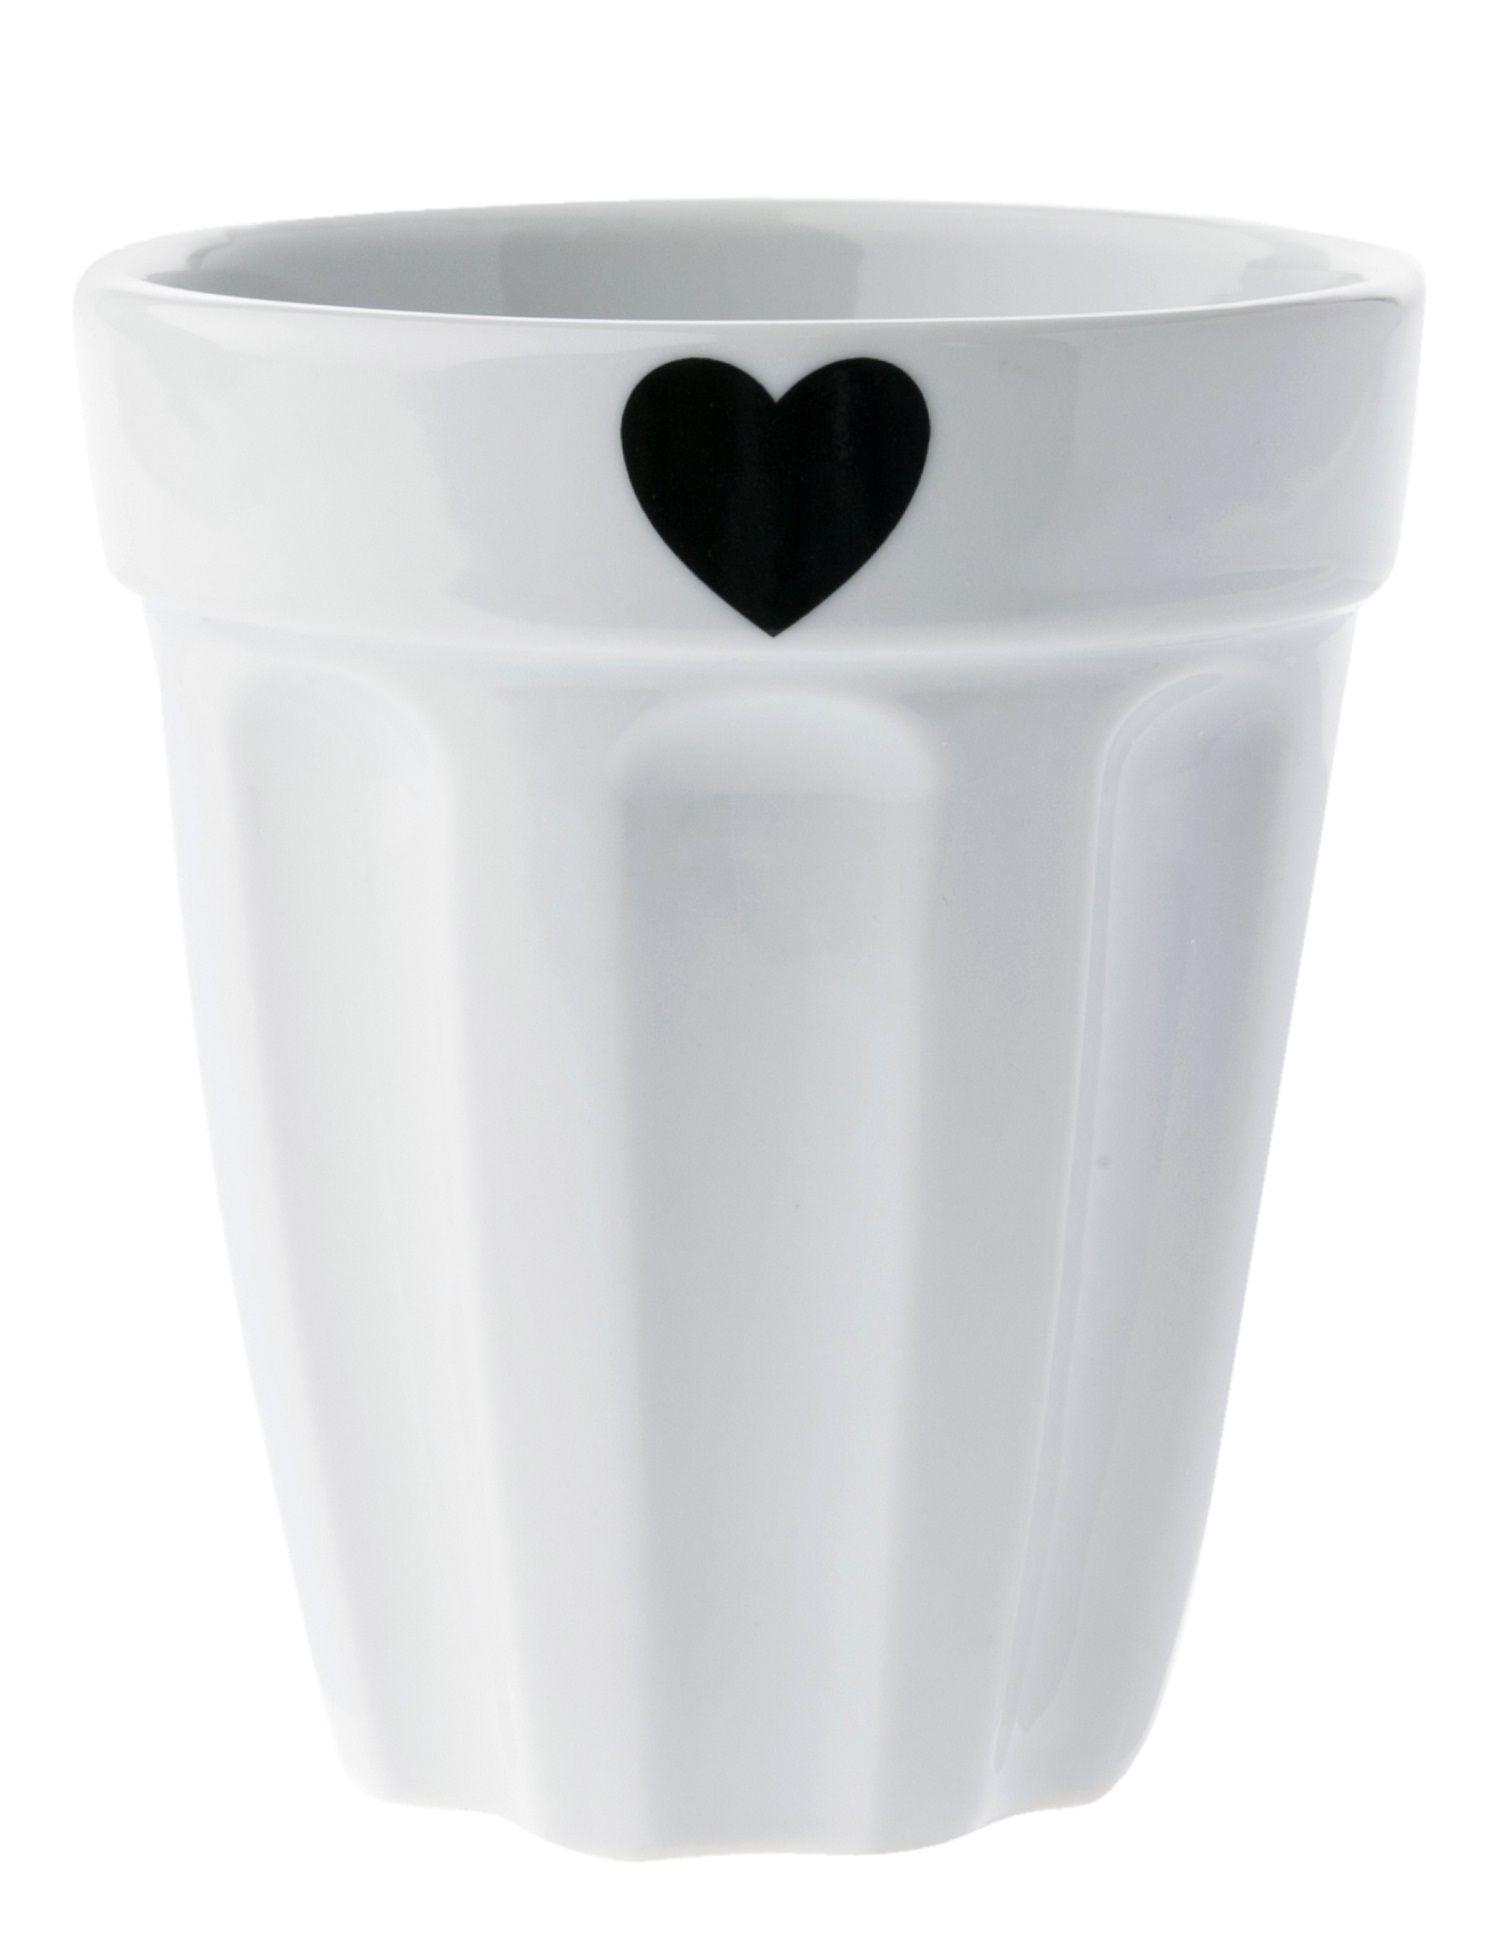 Copo Canelado em Cerâmica Branco com Coração Preto